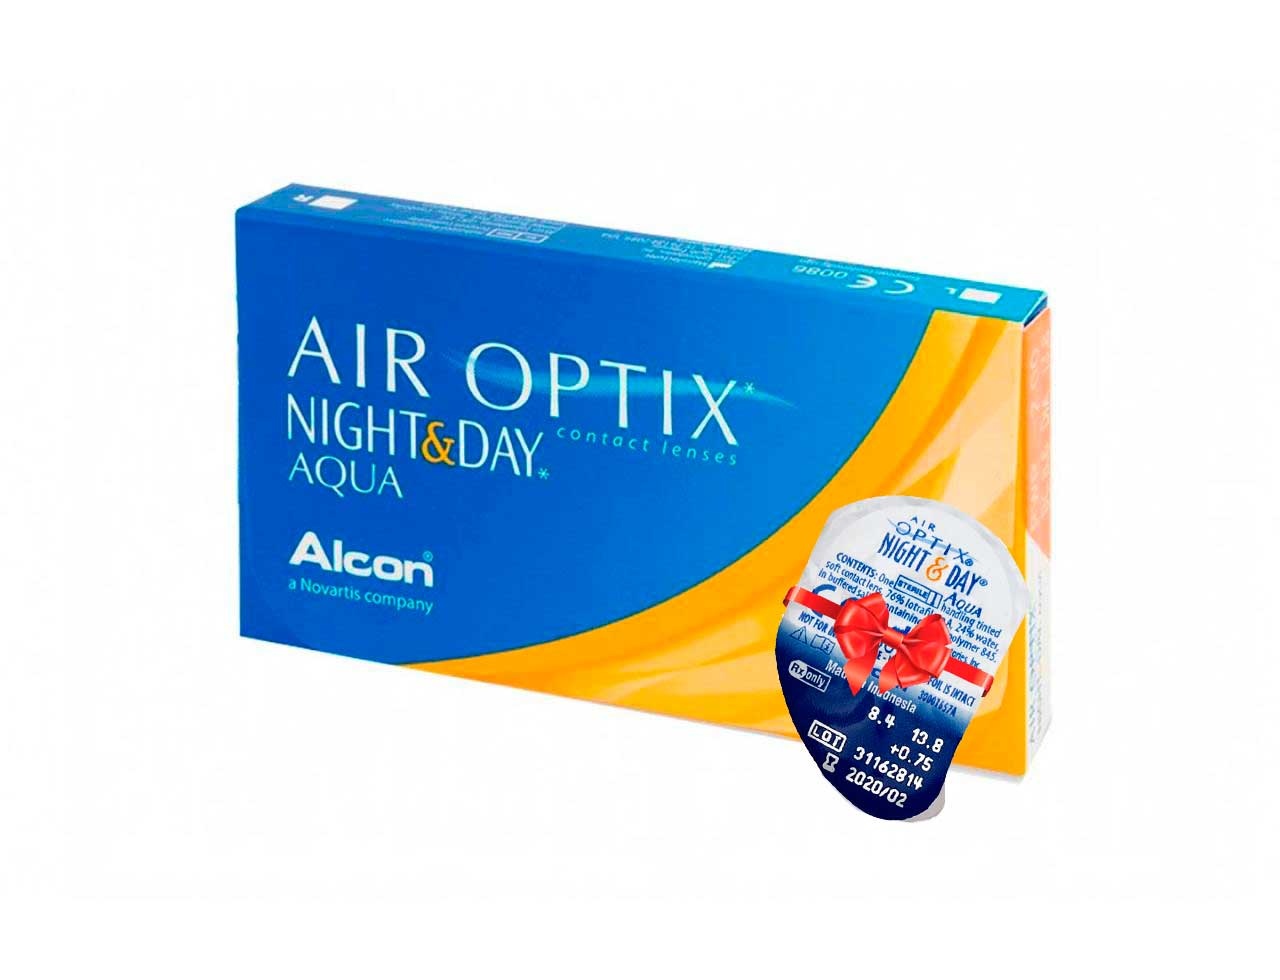 Месячные контактные линзы Alcon Air Optix Night&Day Aqua - Фото №7